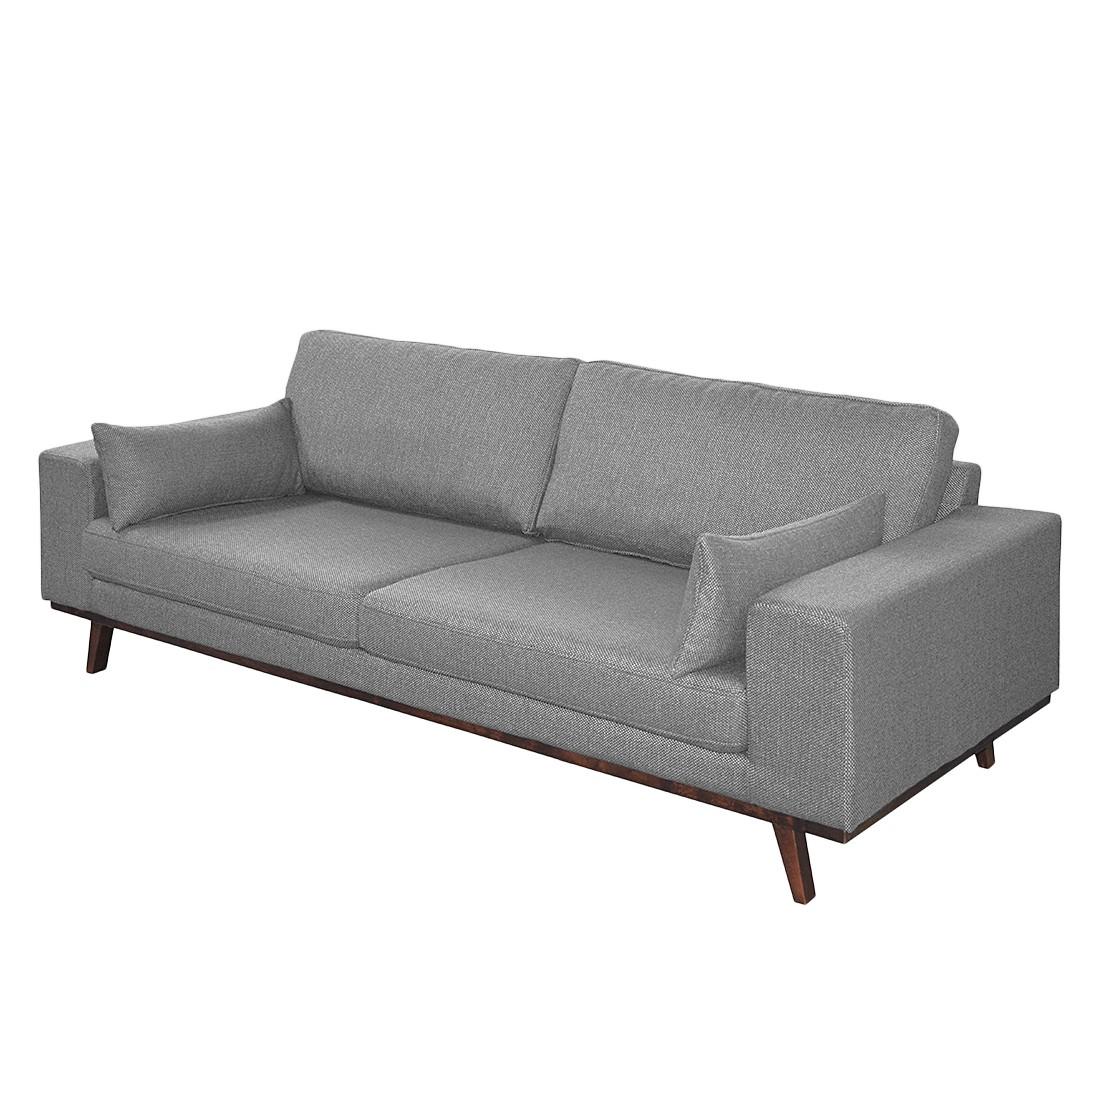 Strukturstoff Sofa | Jetzt Bei Home24 Designersofa Von Morteens Home24